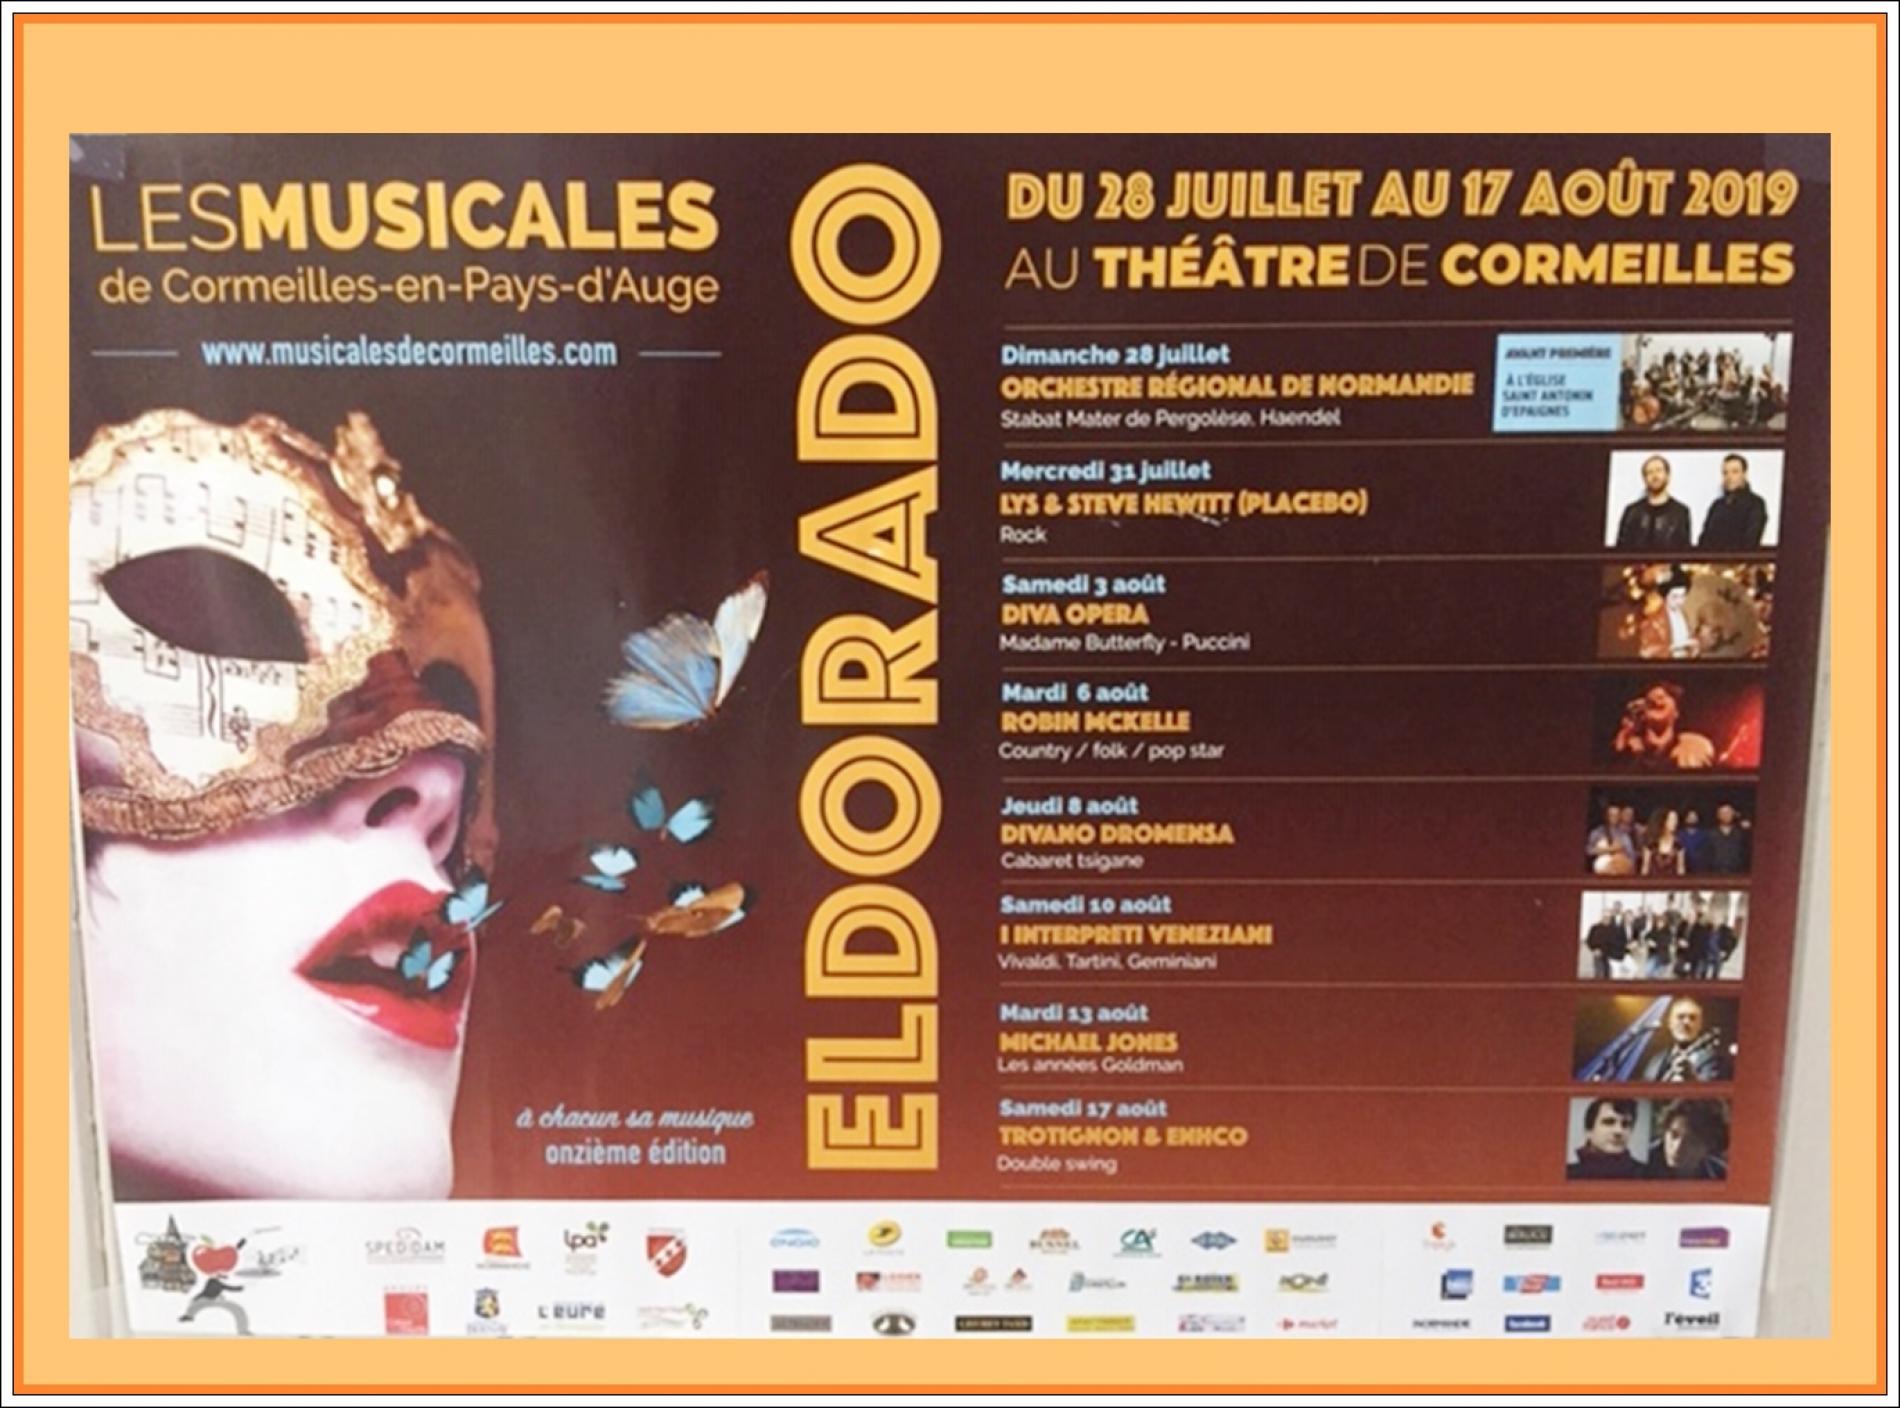 Idée  de   concert  à  Cormeilles